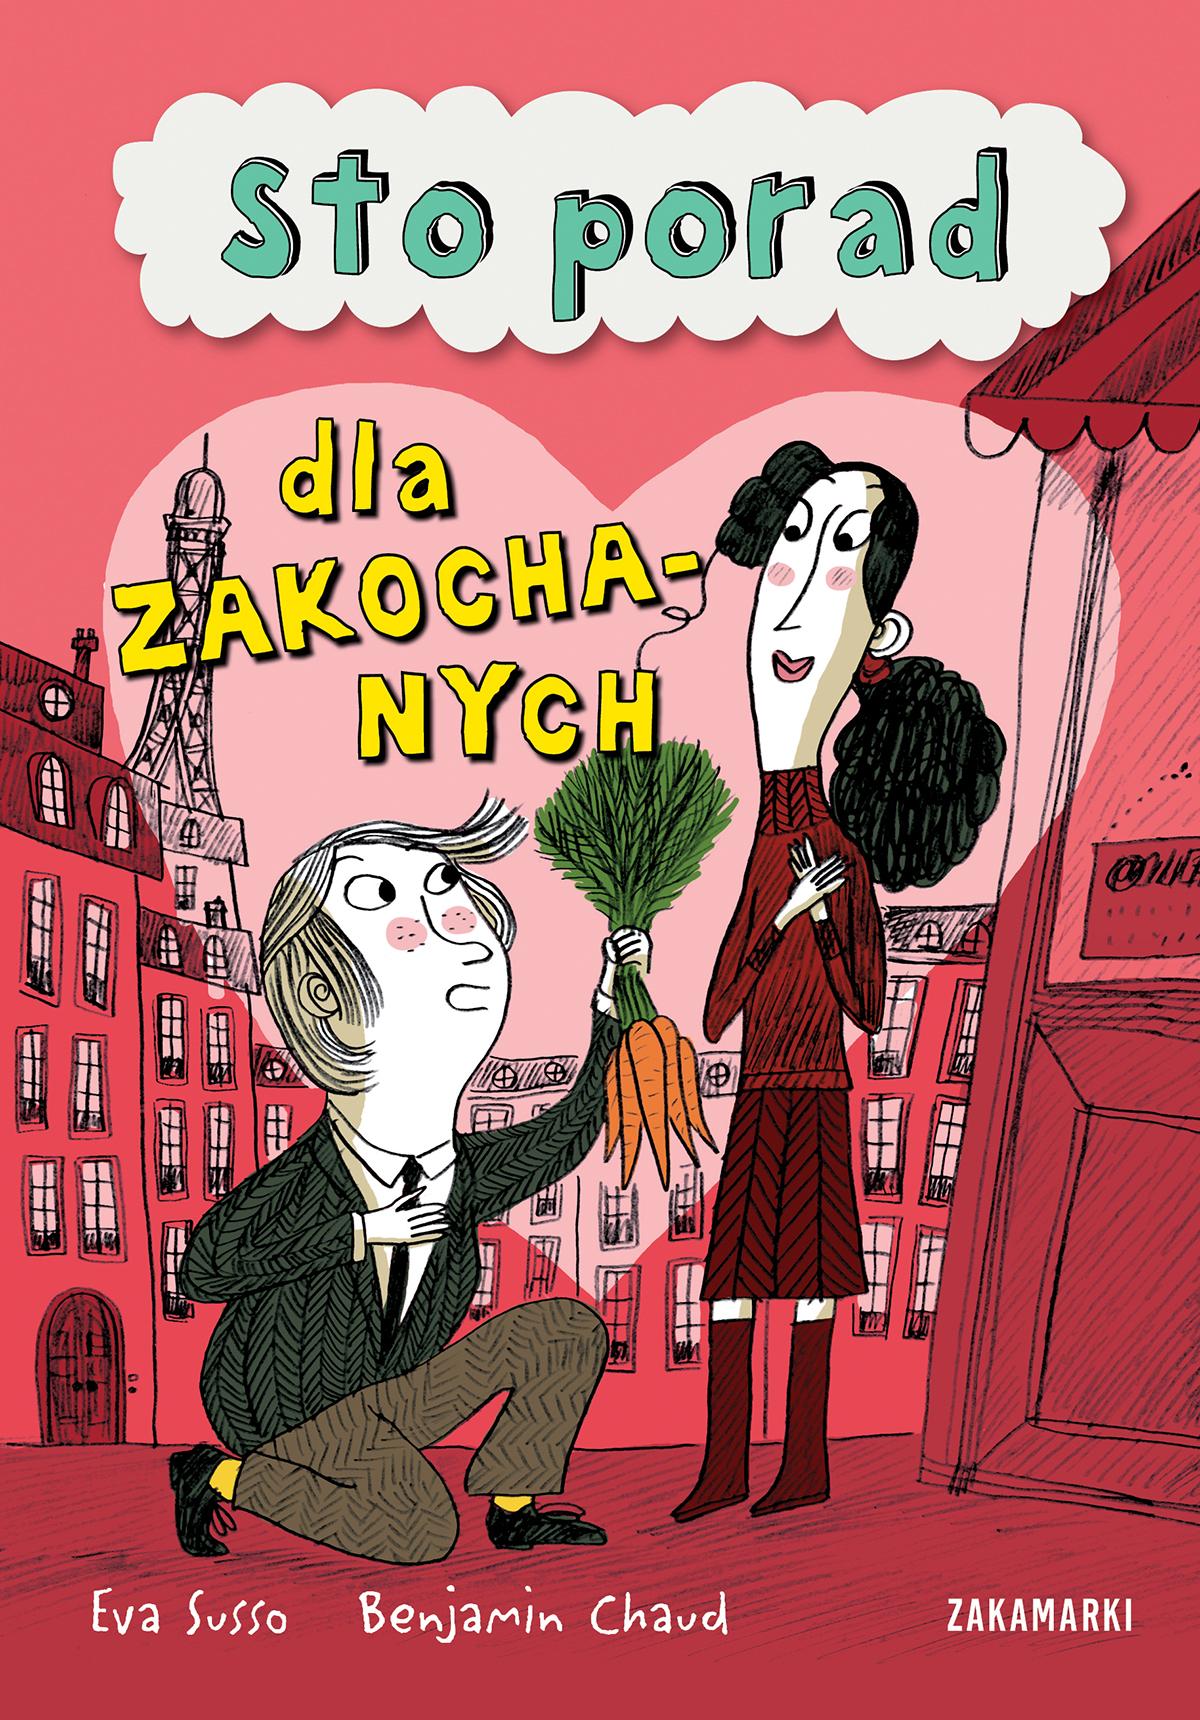 Eva Susso - Sto porad dla zakochanych (okładka) [Wyd. Zakamarki]